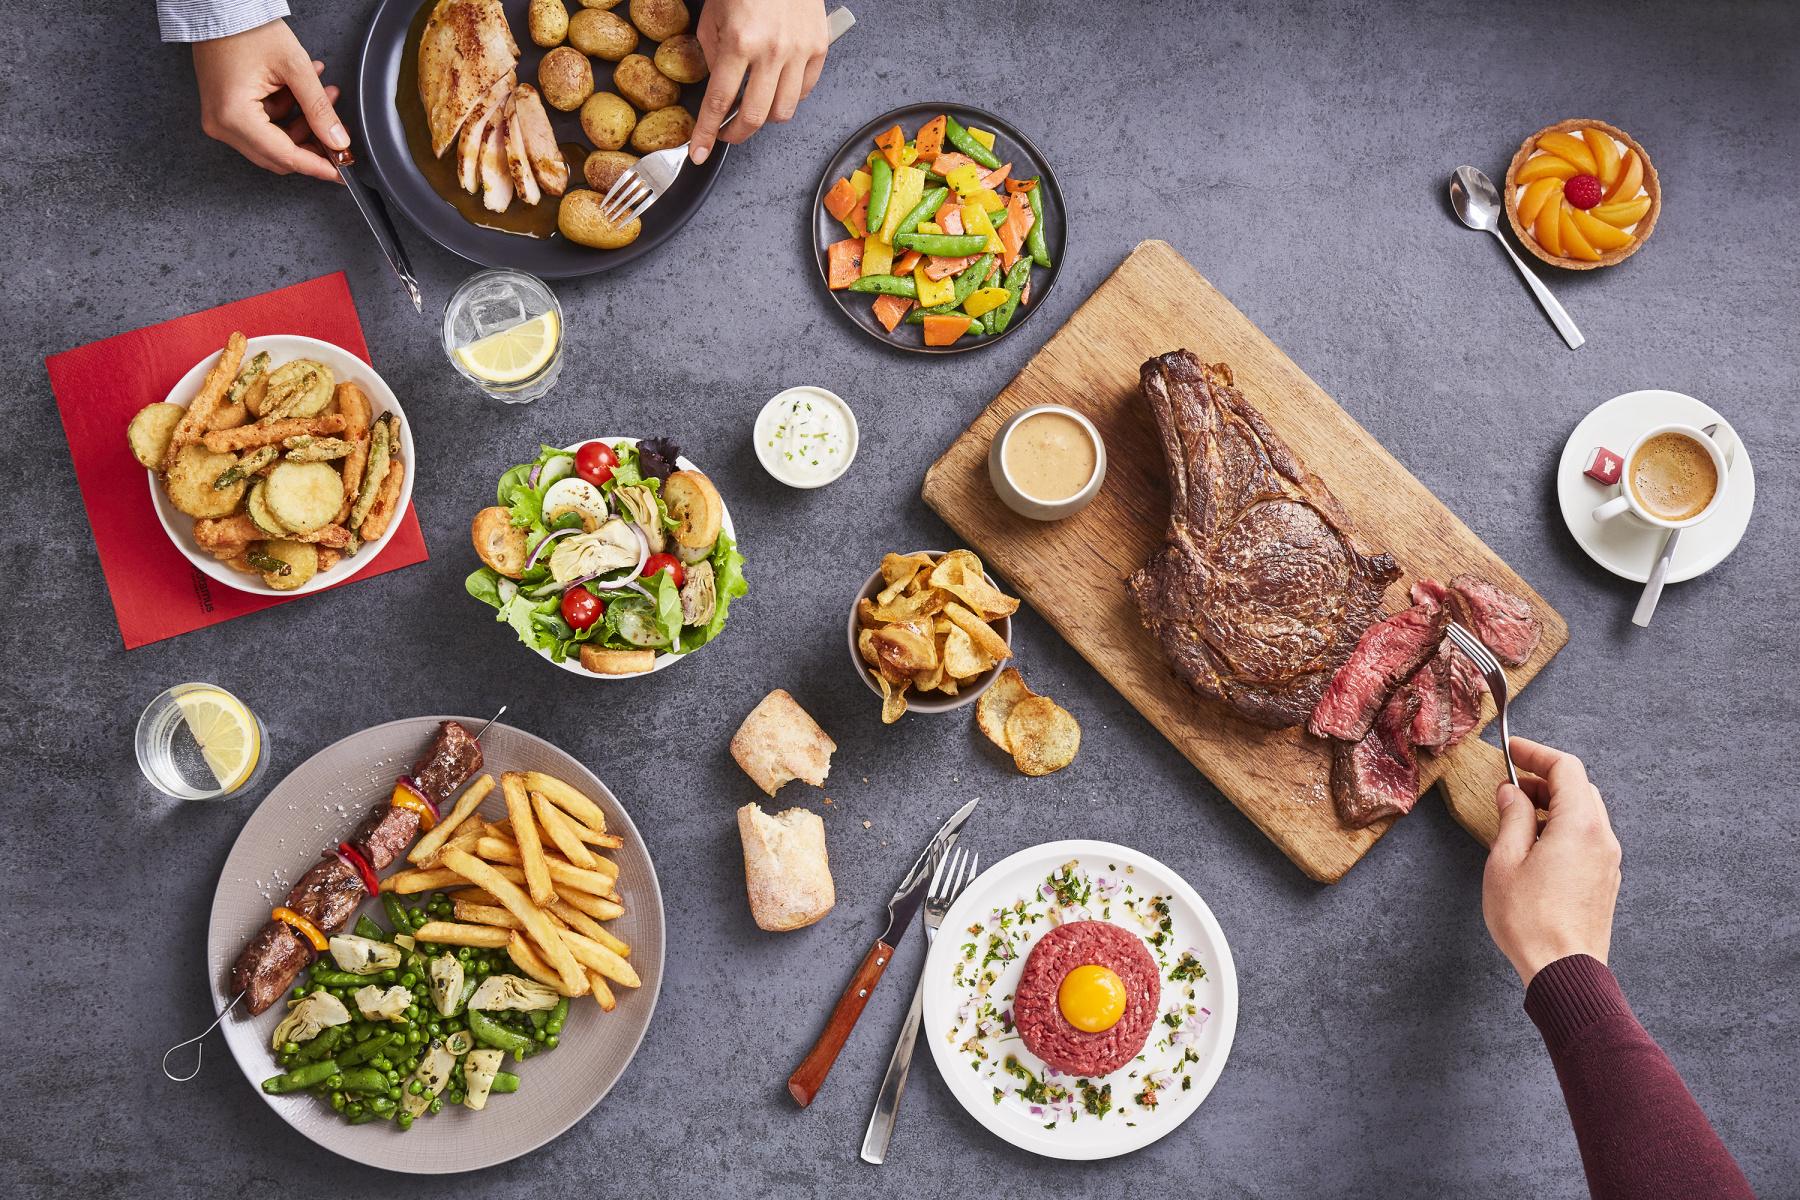 Présente essentiellement en France, l'enseigne compte plus de 130 restaurants, dont 50% en franchises. Elle est également présente en Côte d'Ivoire, au Maroc, en Algérie, au Portugal, aux Emirats Arabes Unis, en Russie, en Thaïlande et en Tunisie.